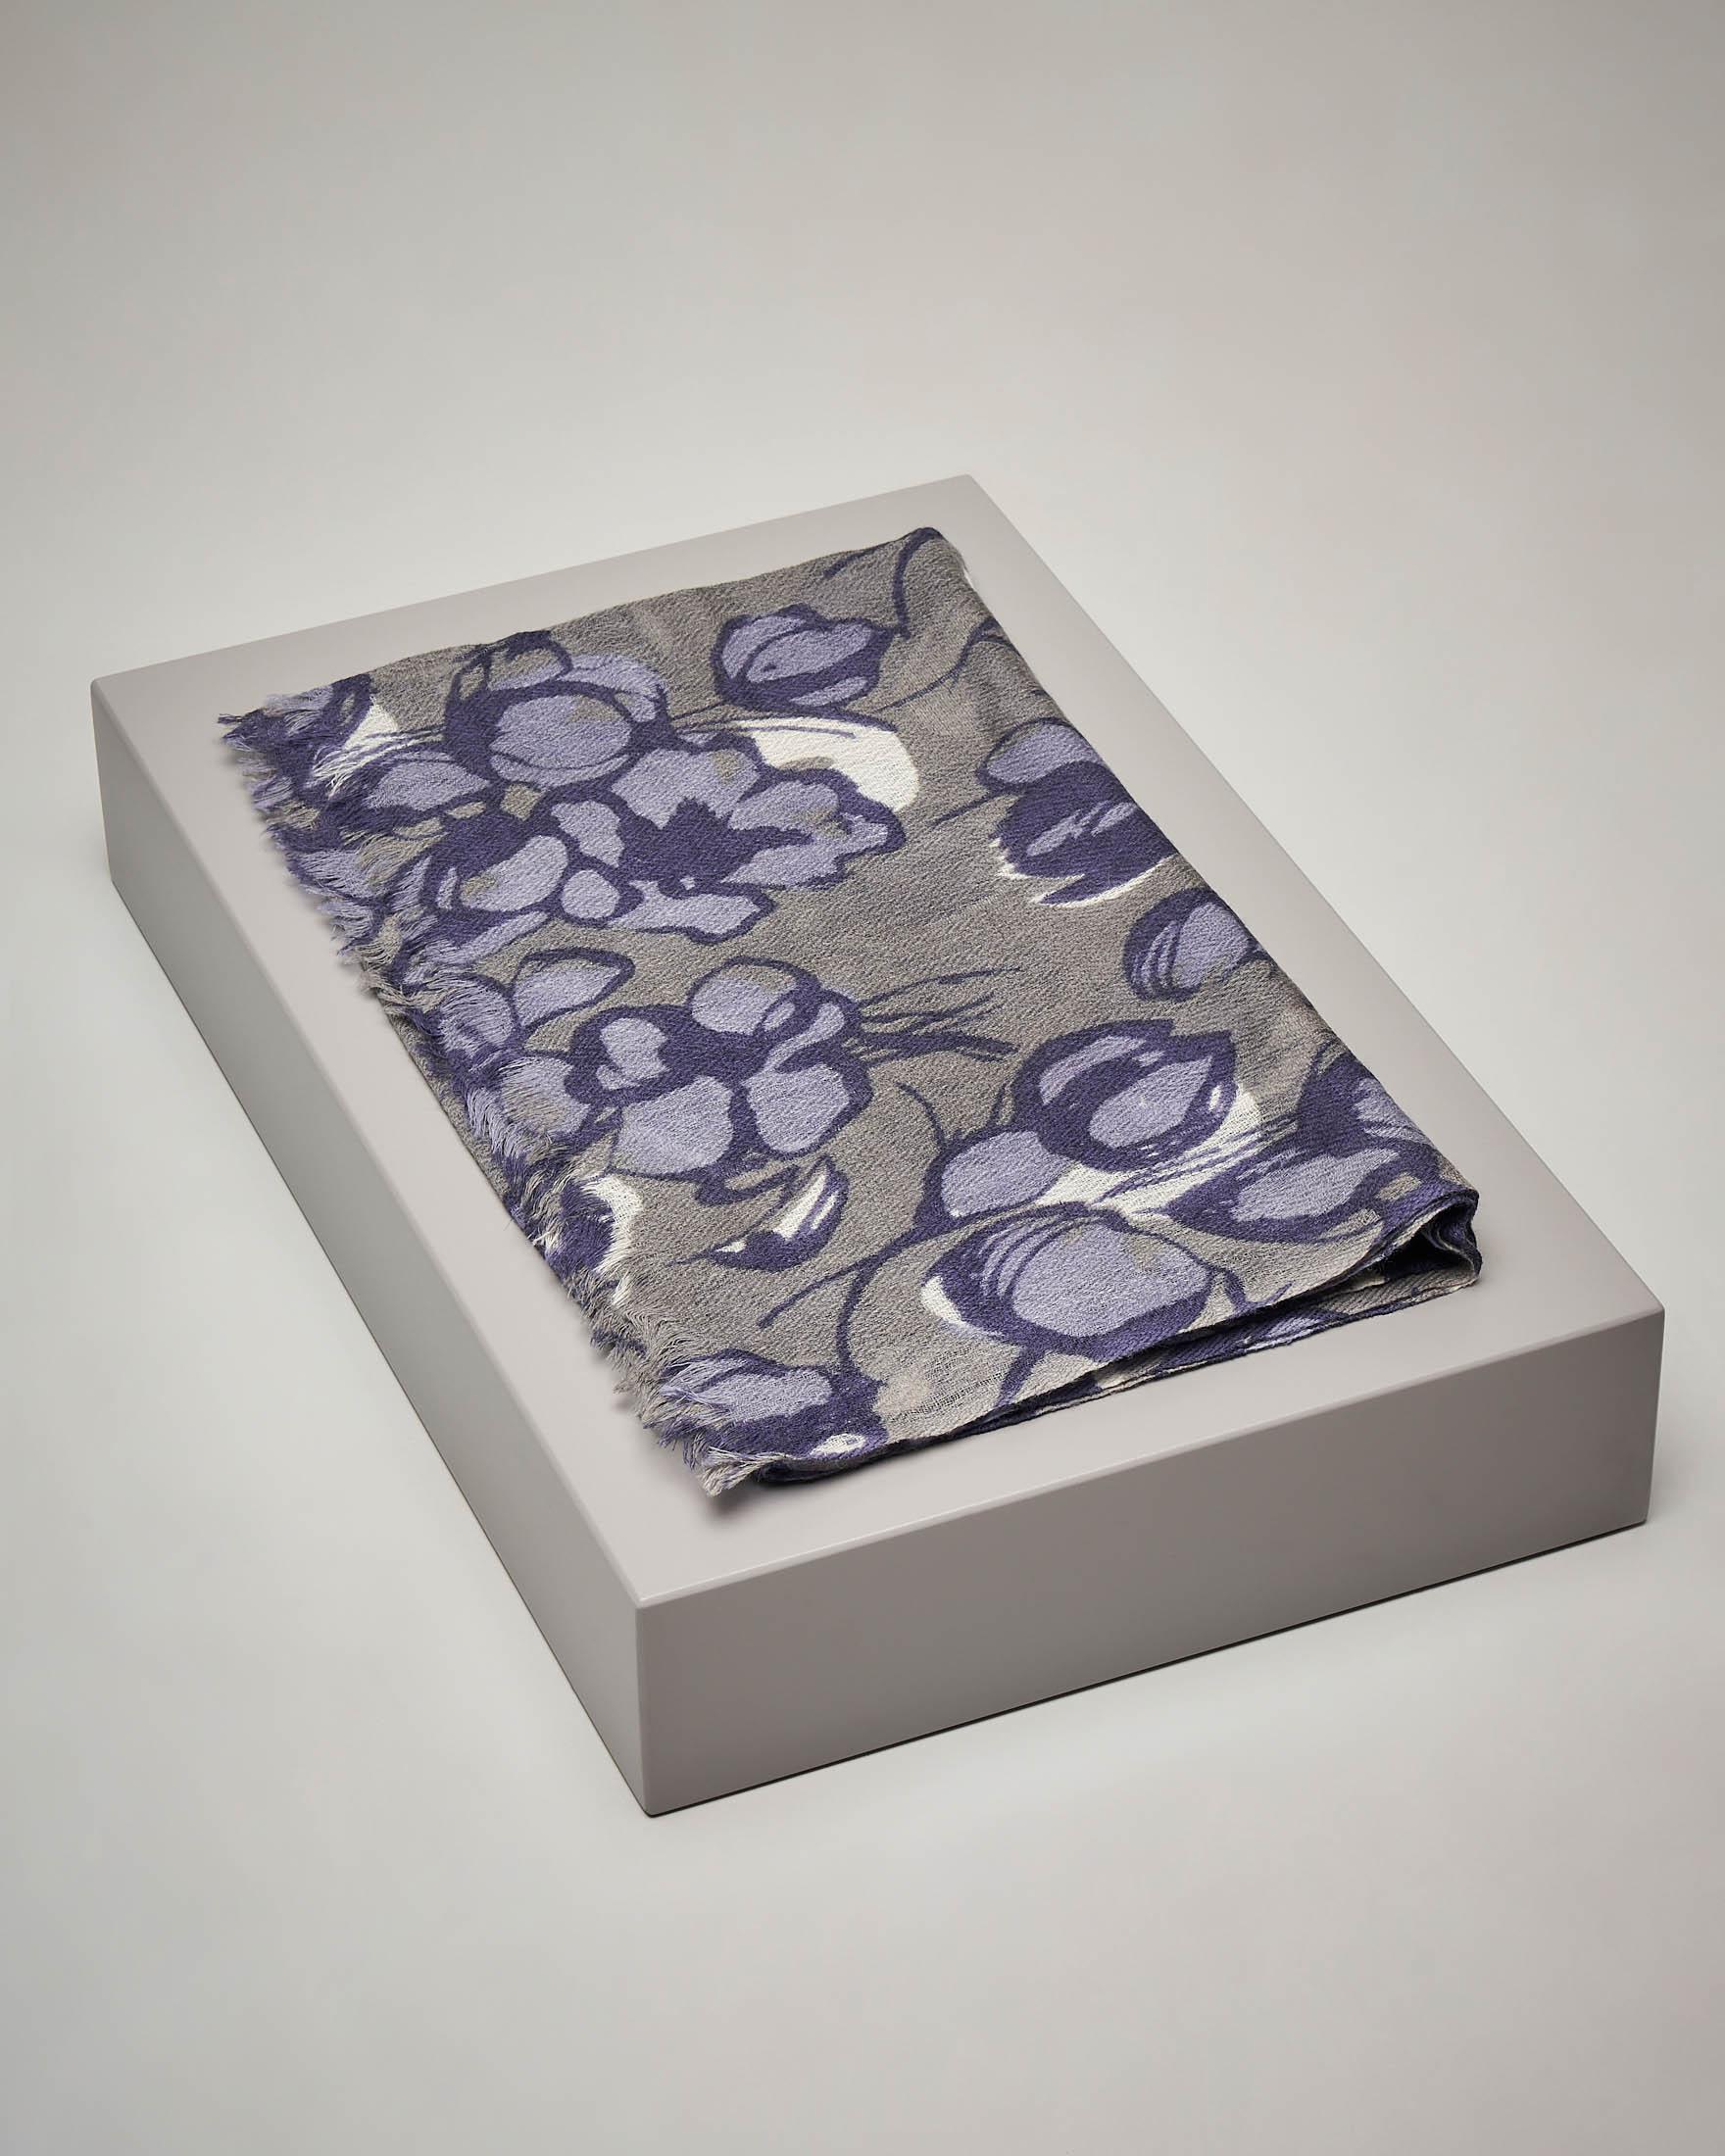 Sciarpa grigia e viola in lana e seta a fantasia floreale